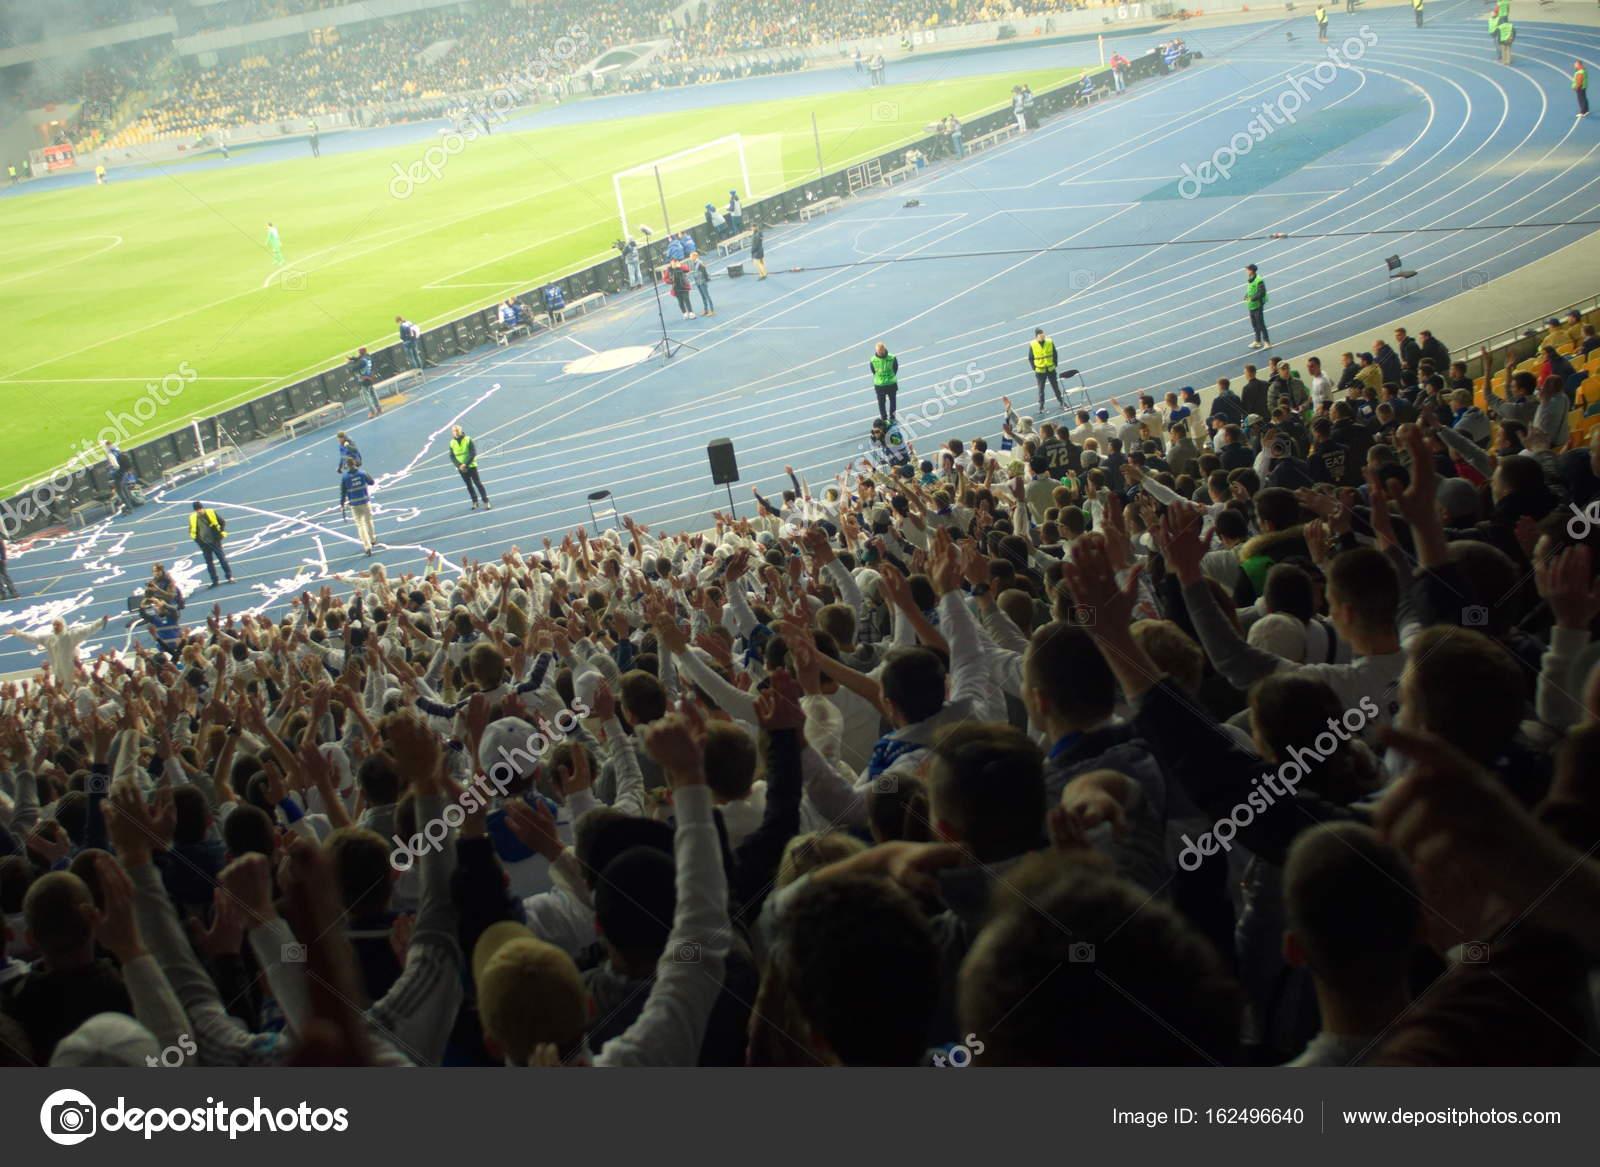 Fussball Fussball Fans Ihr Team Unterstutzen Und Ziel In